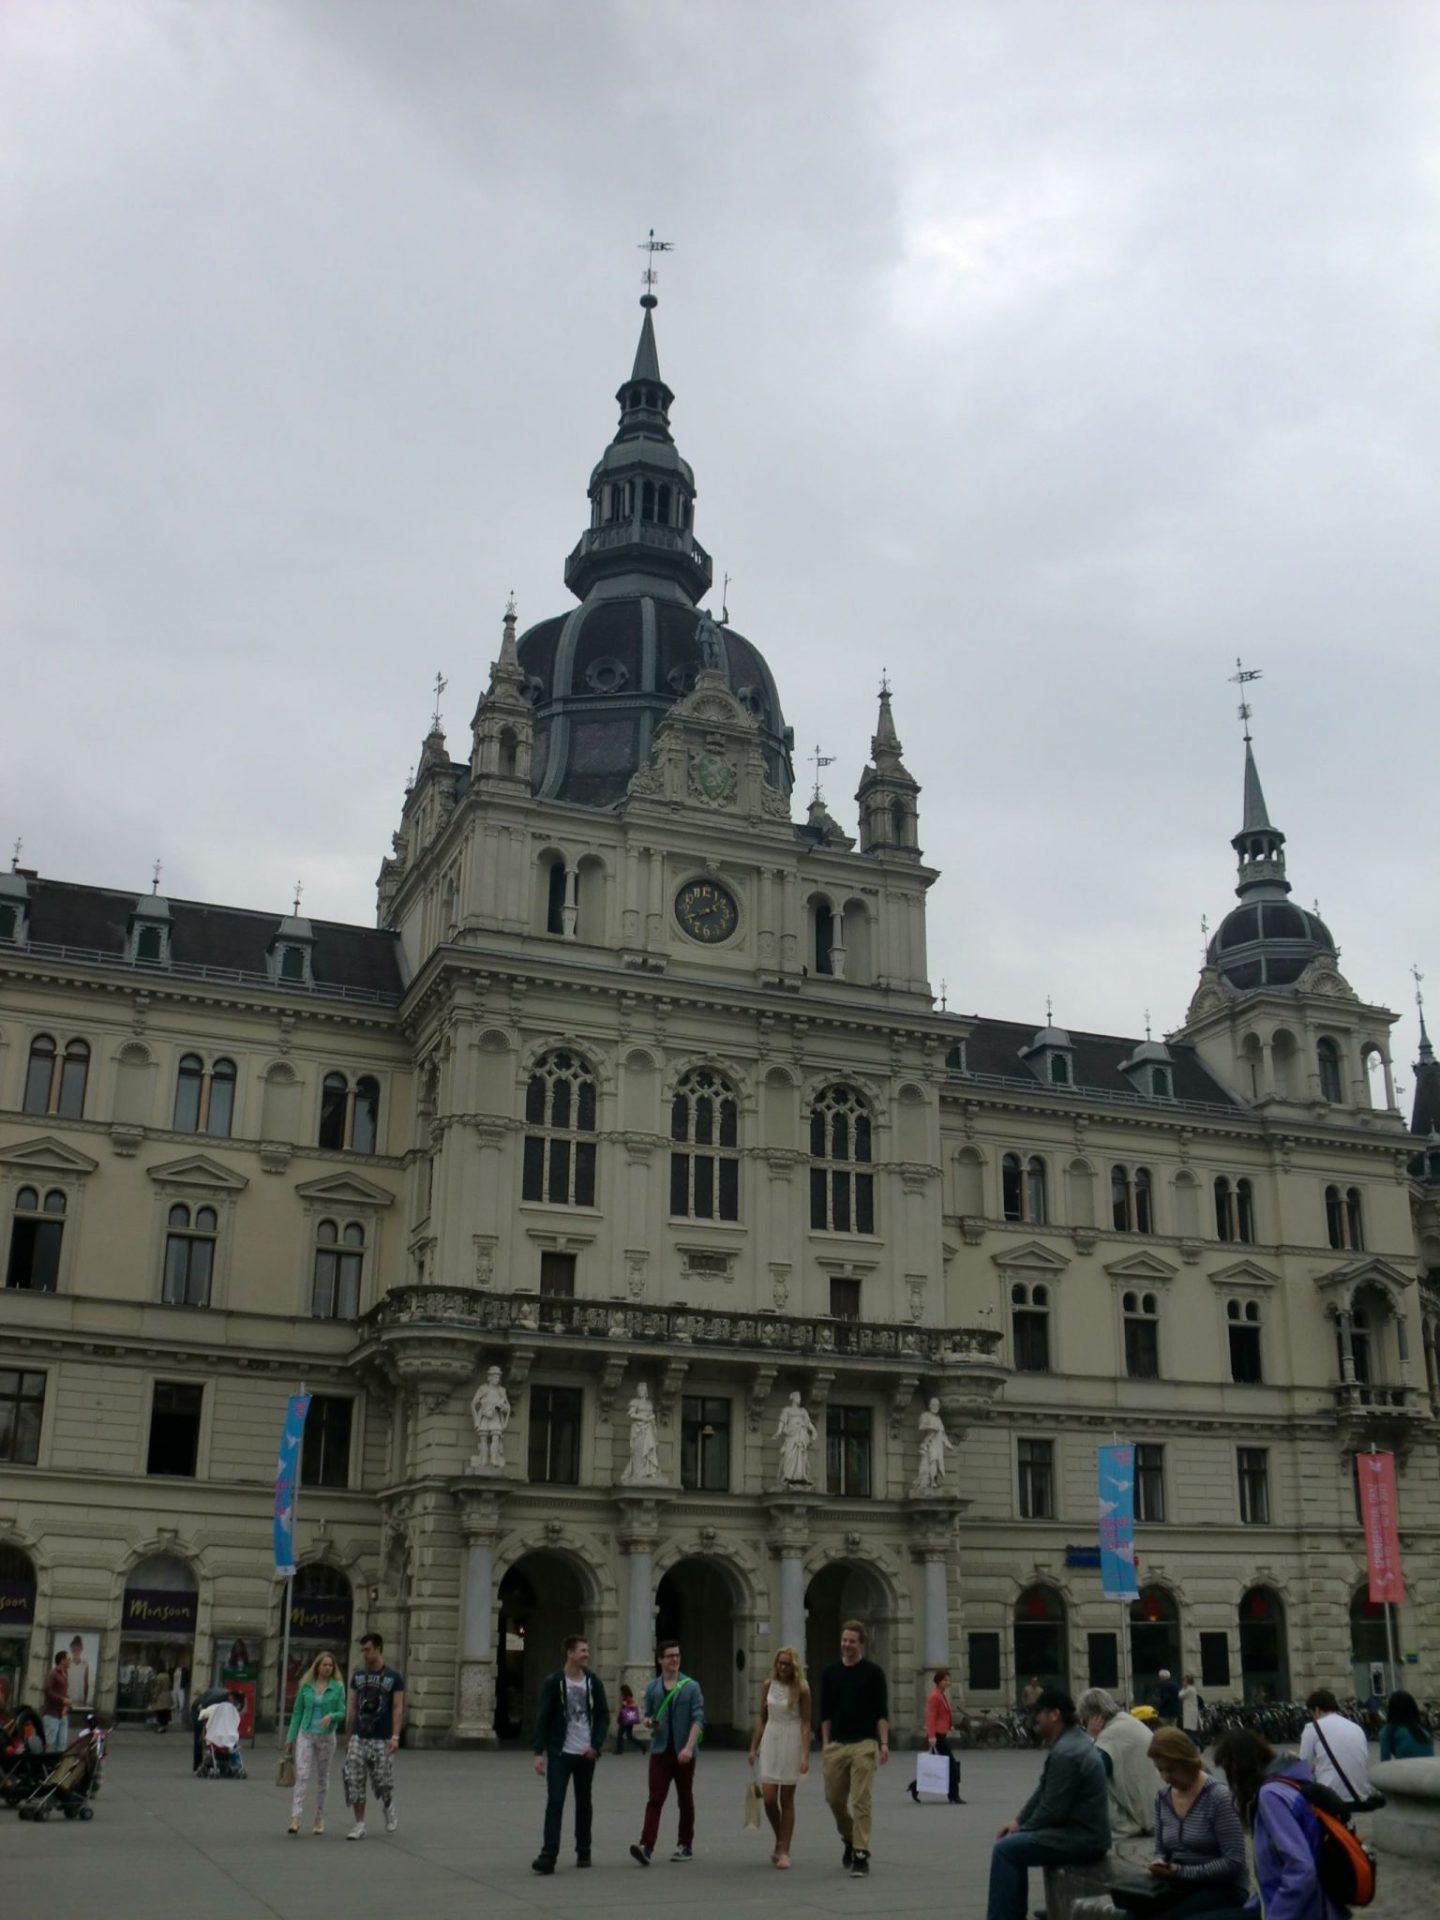 Graz square 5 - Graz: tradition and modernity